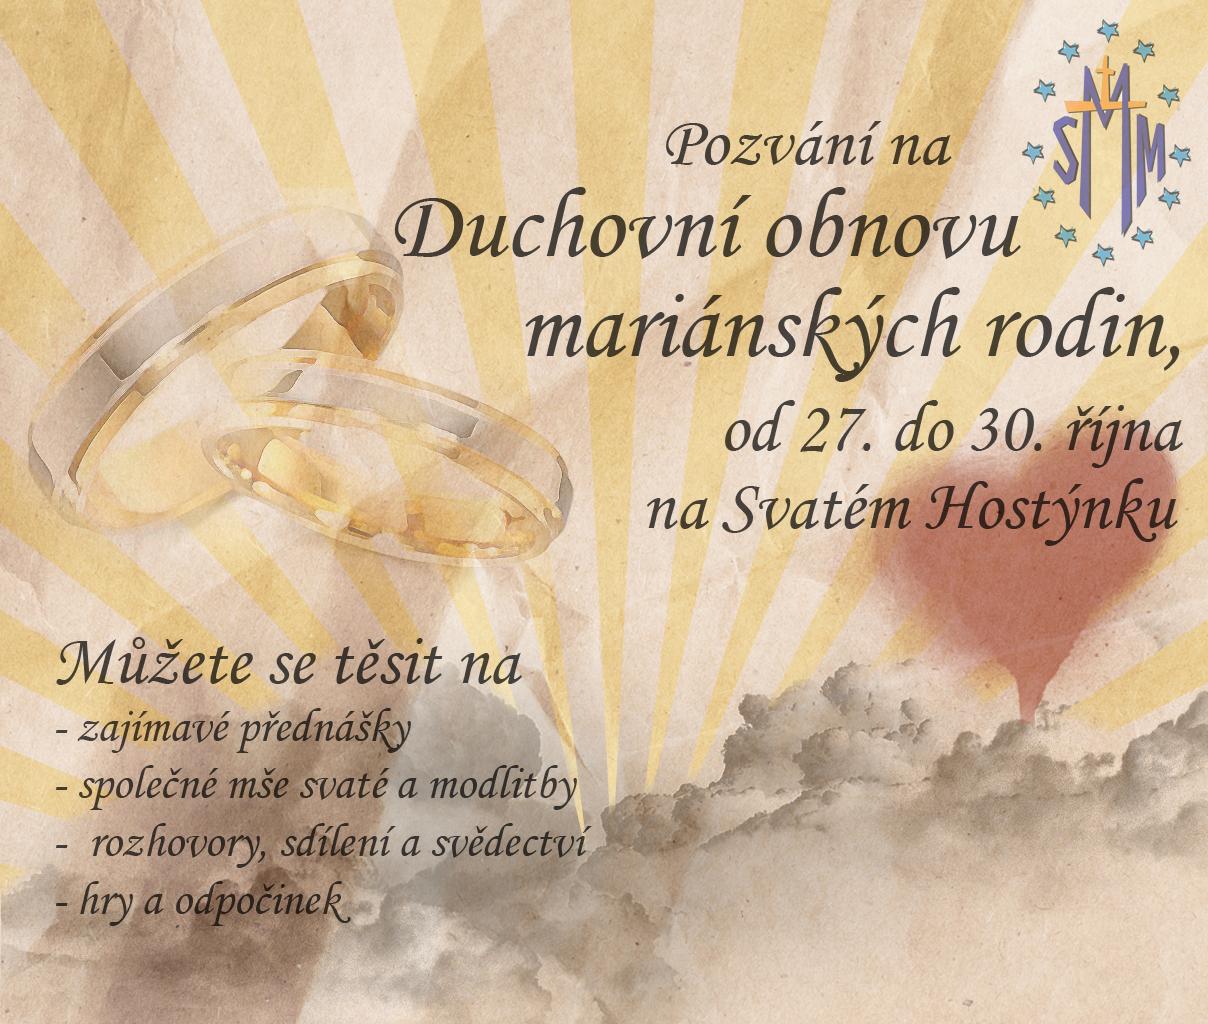 Pozvánka na duchovní obnovu mariánských rodin